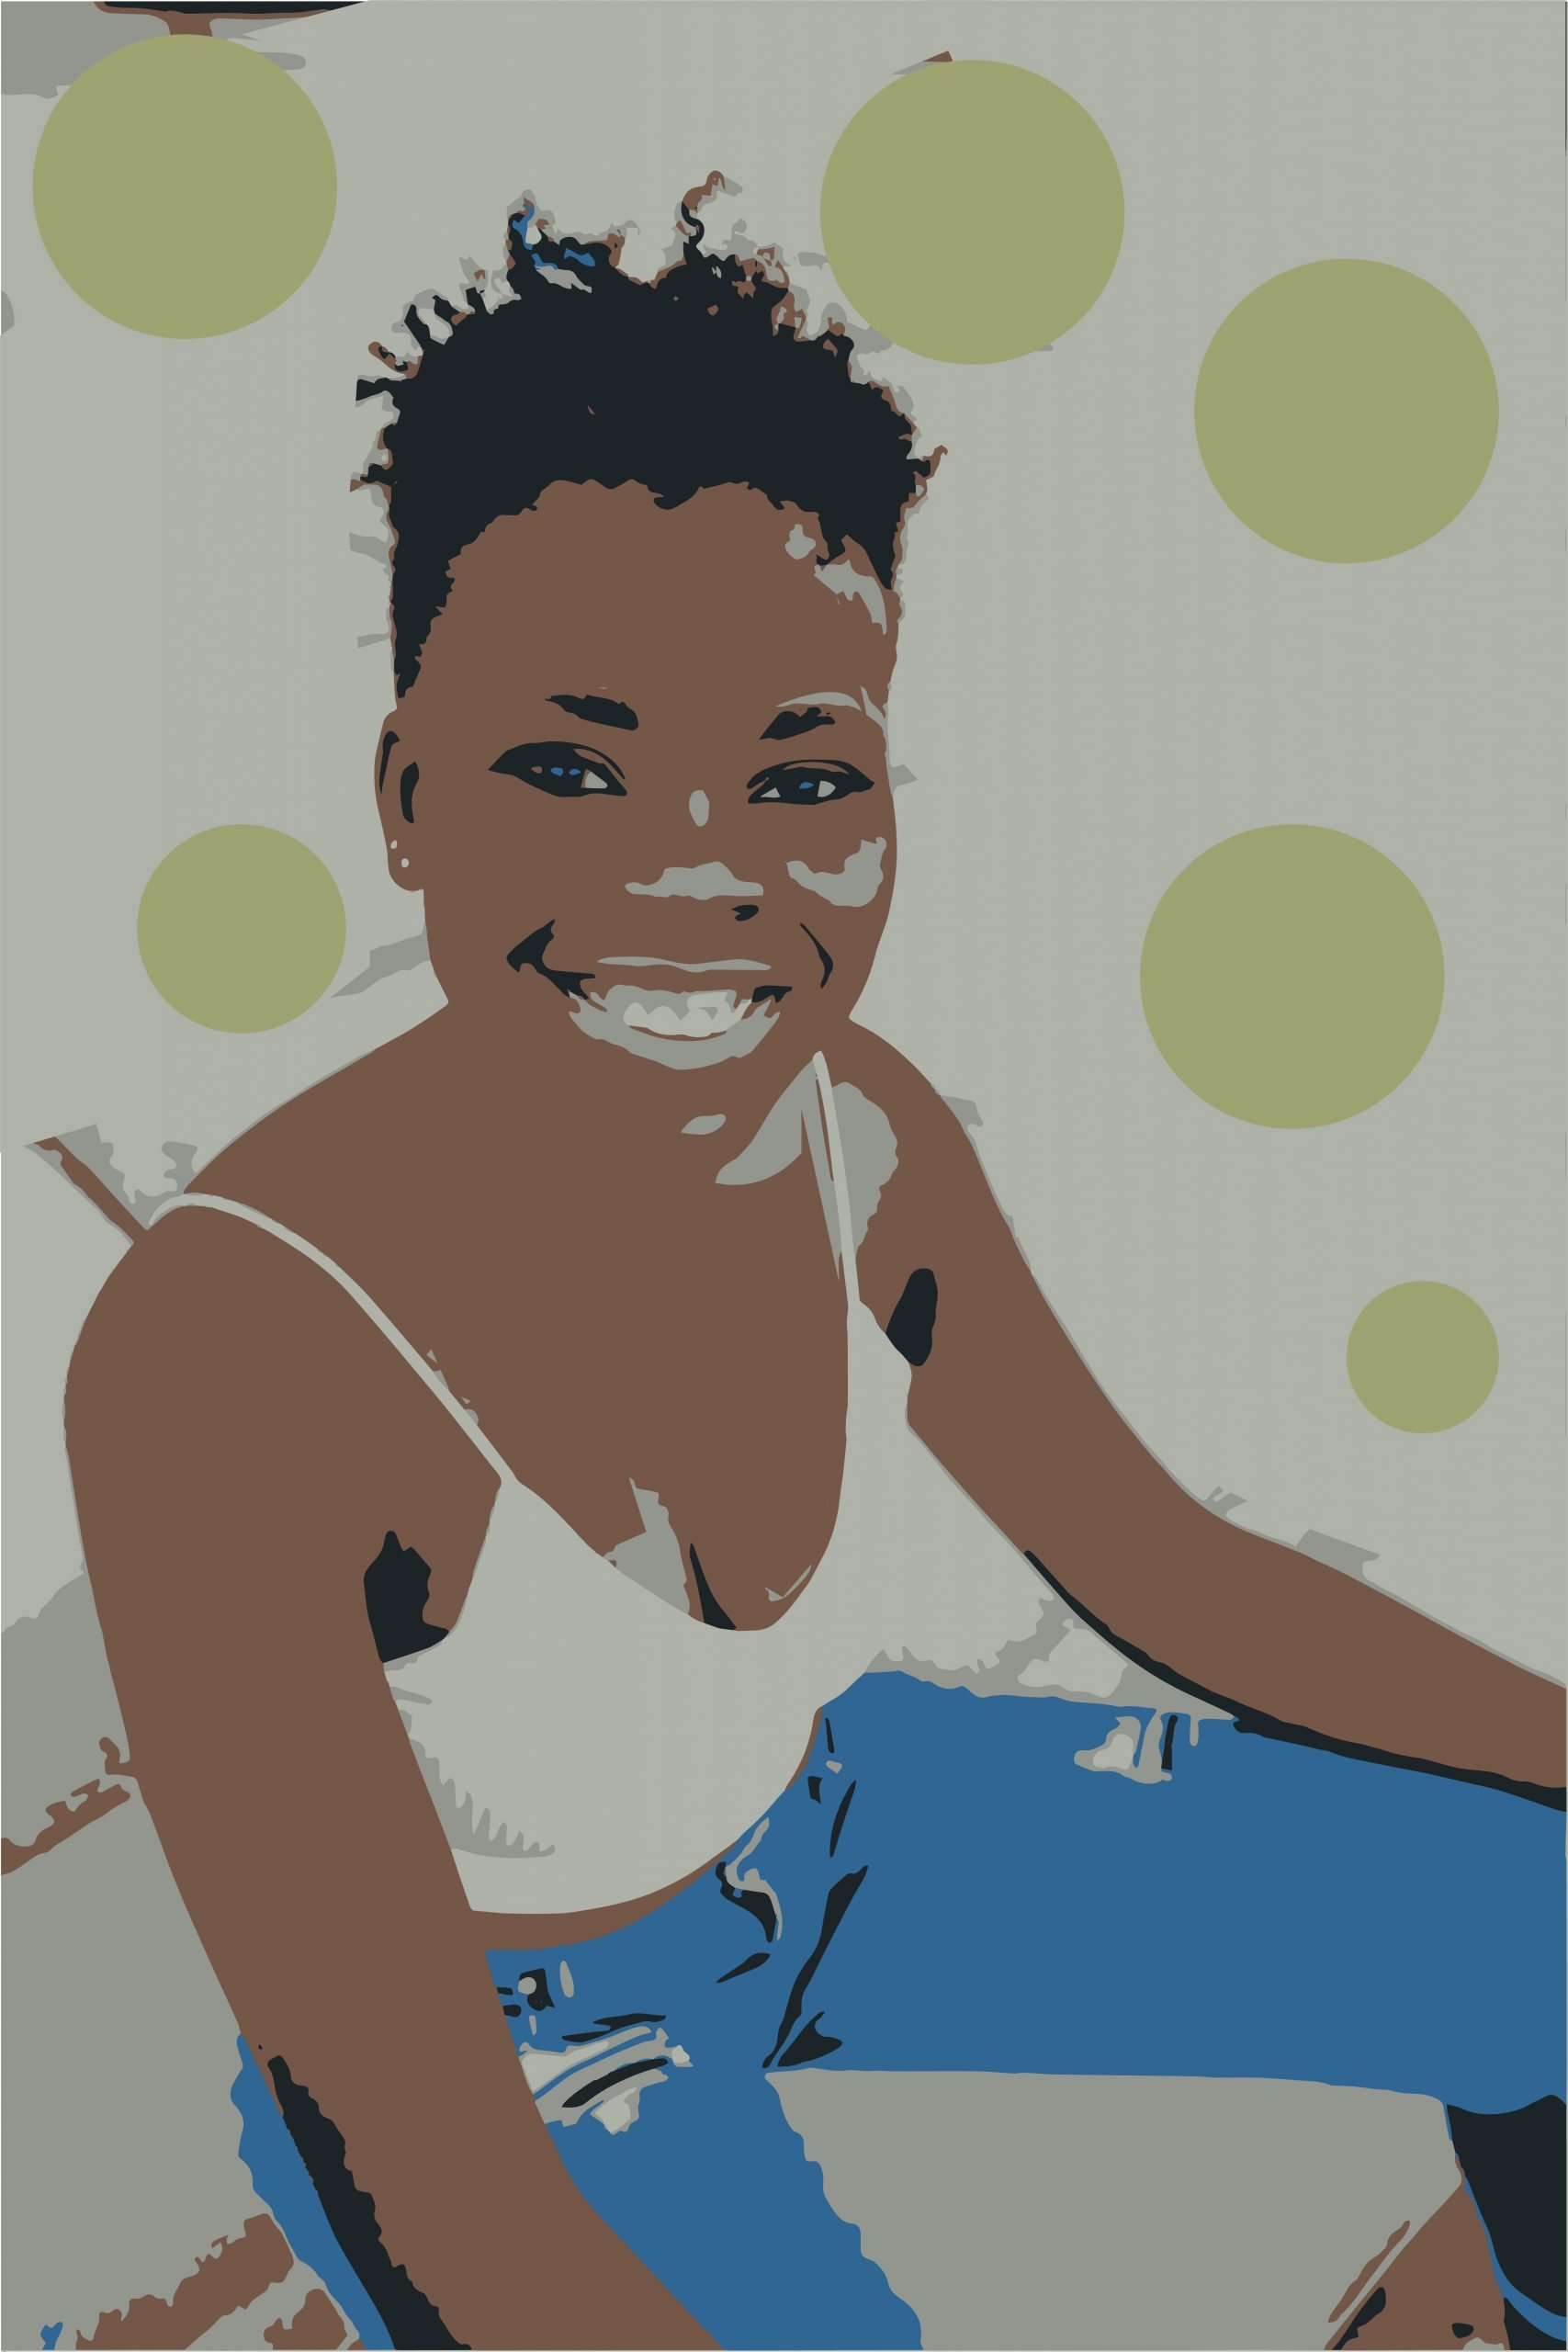 A woman's portrait